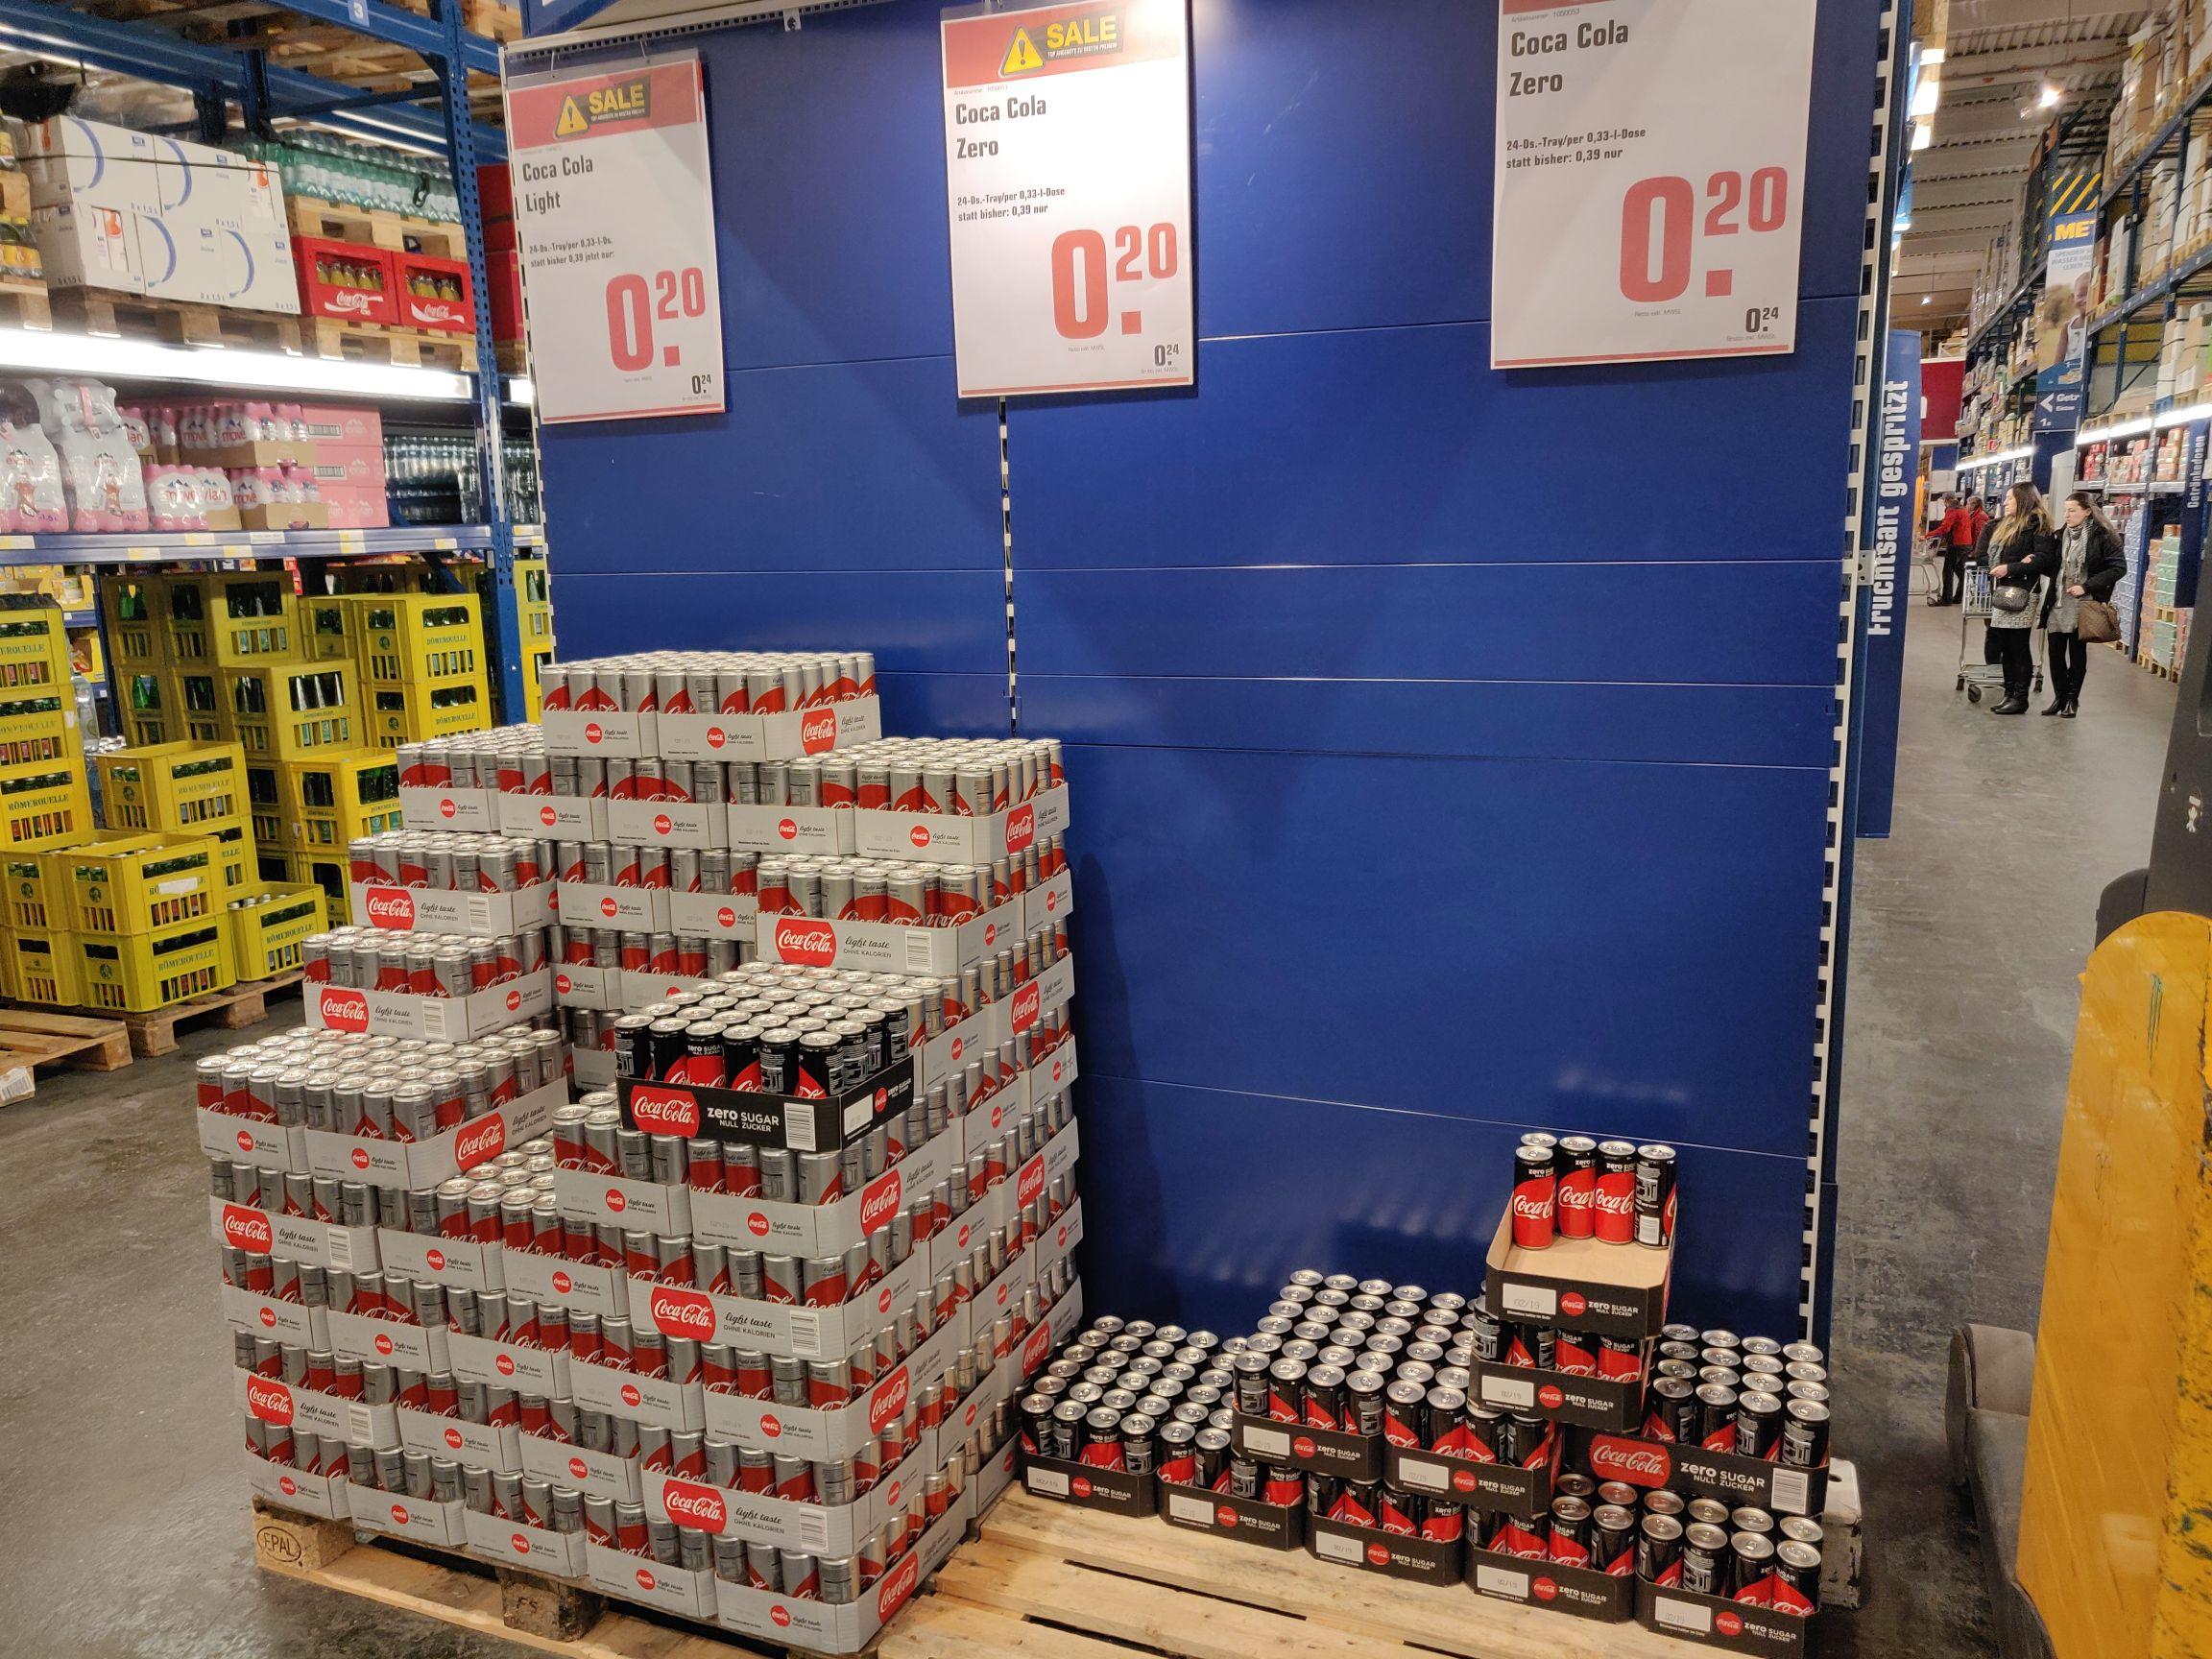 Original Coca Cola Zero, Coca Cola Light Dose 0,33ml um 24Cent bei  METRO!